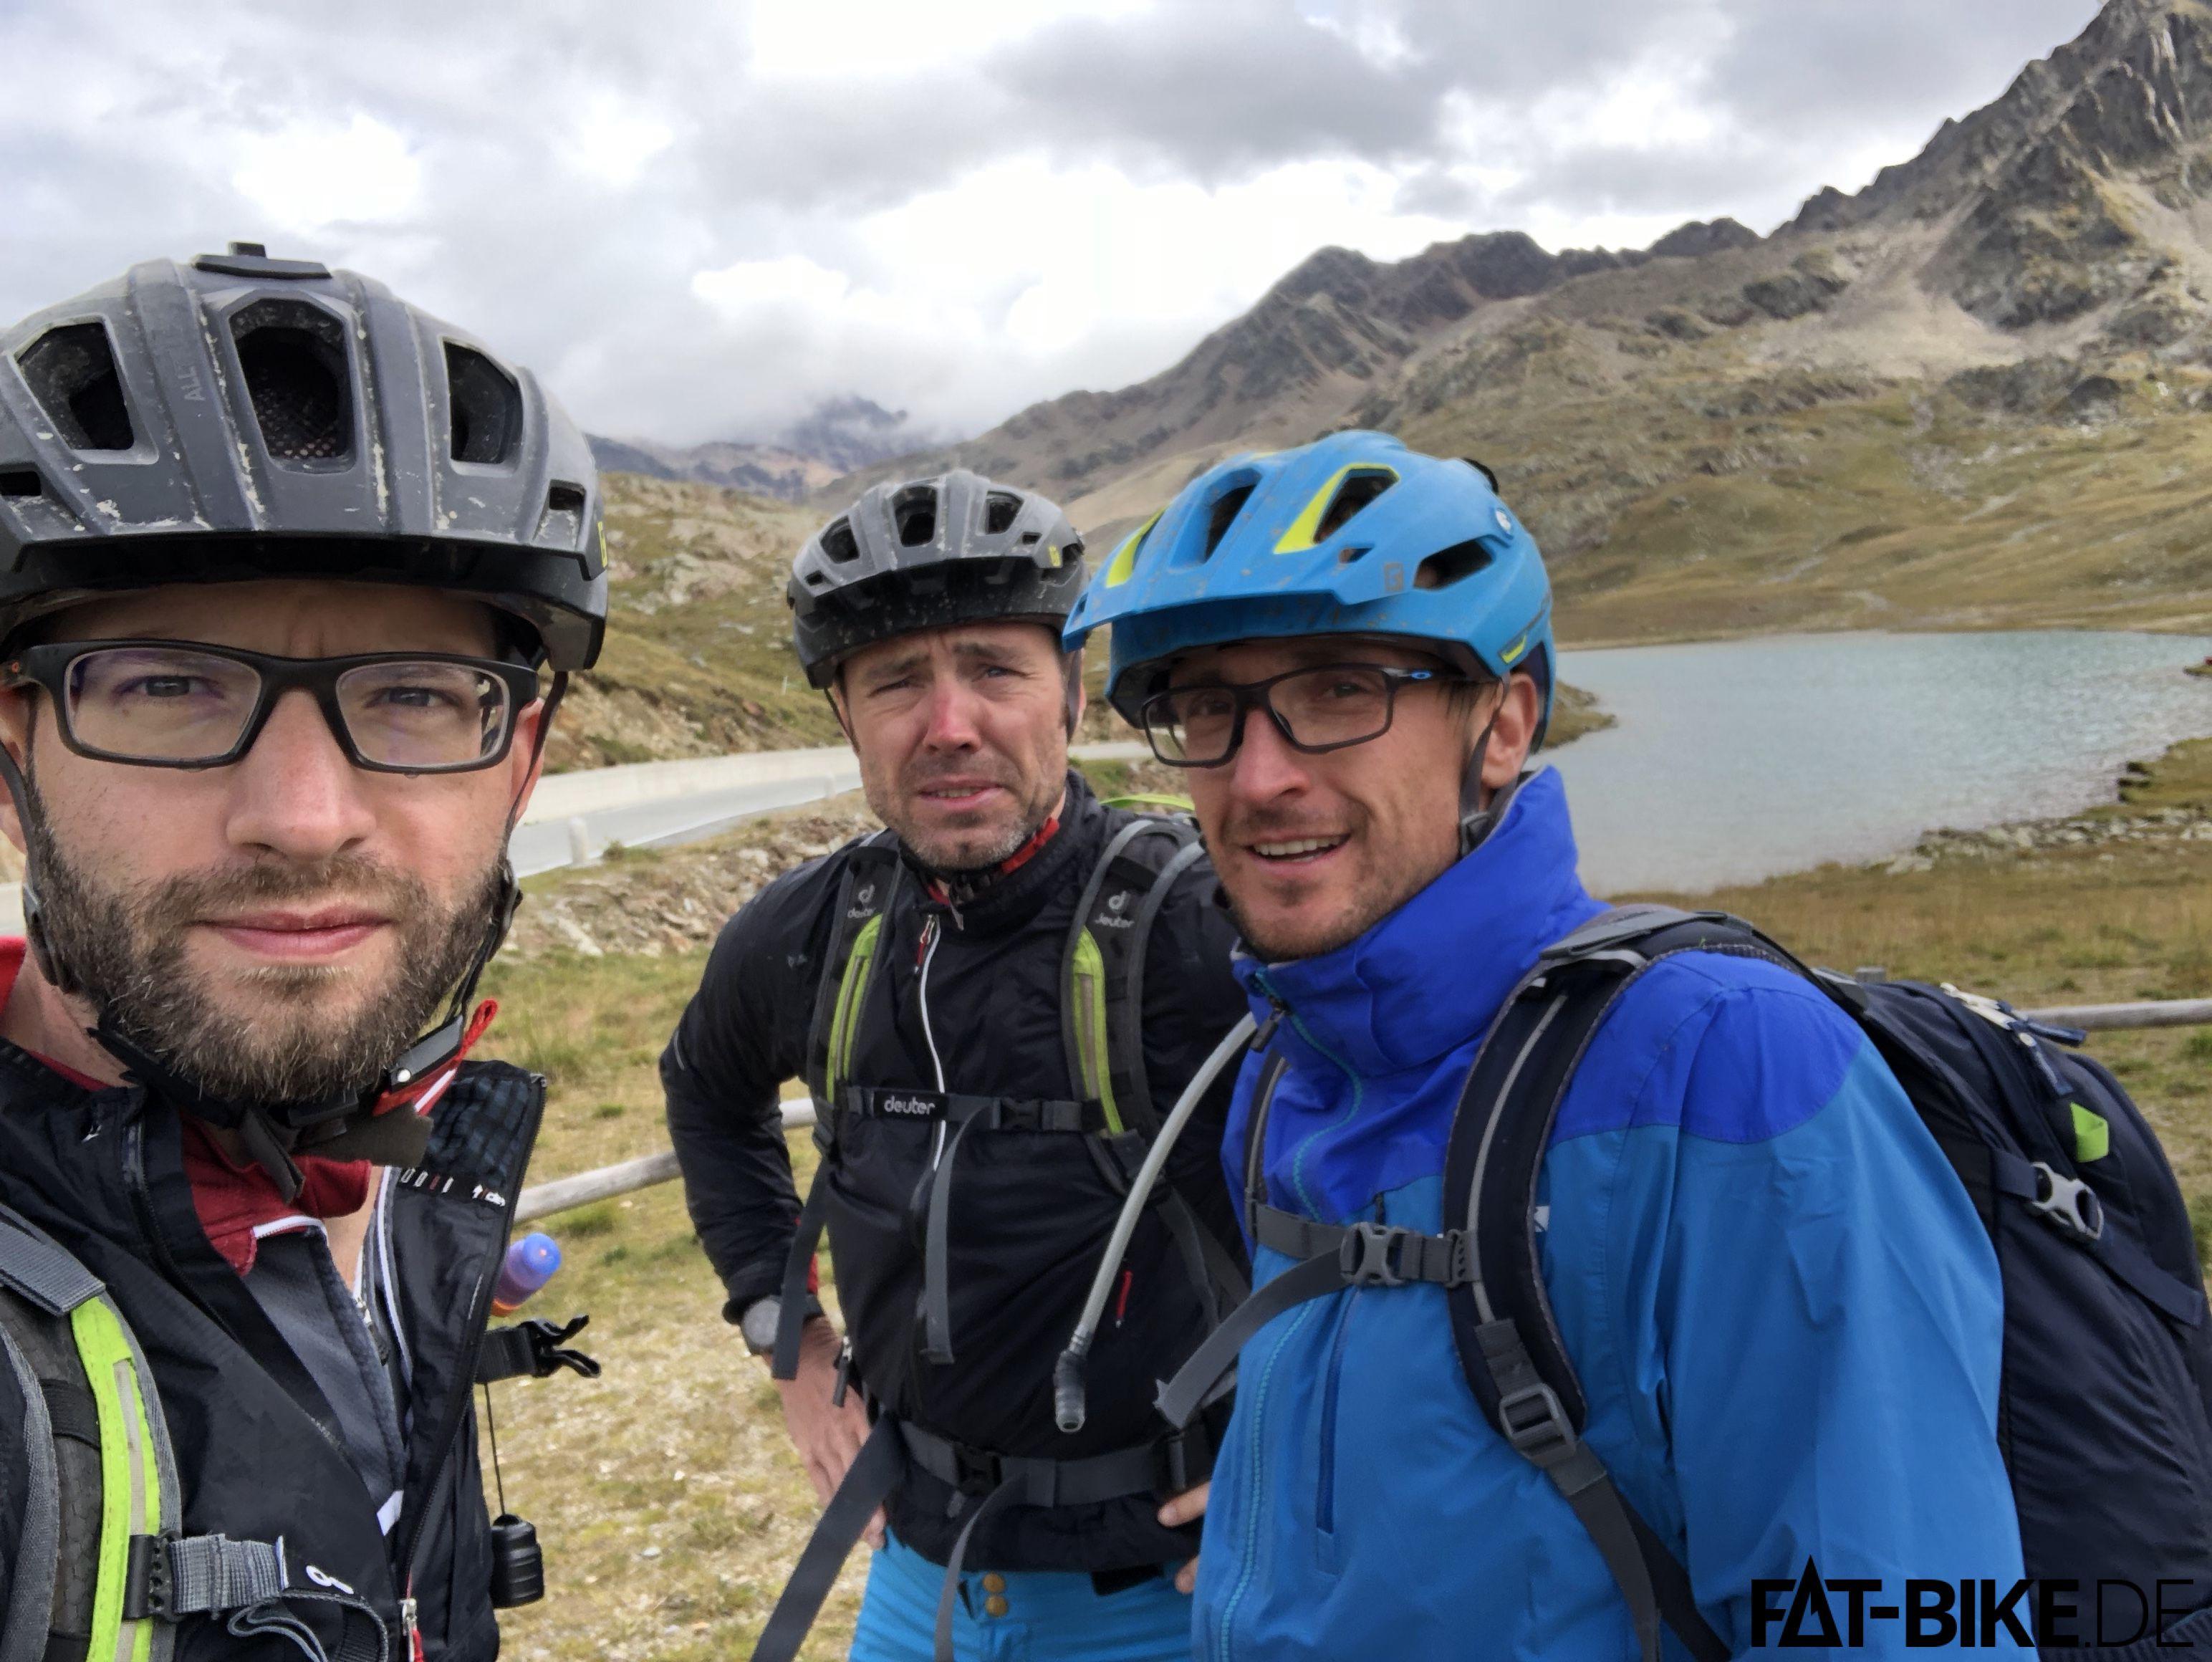 Wohl einer der Königs-Pässe: Passo di Gavia mit über 2.600m